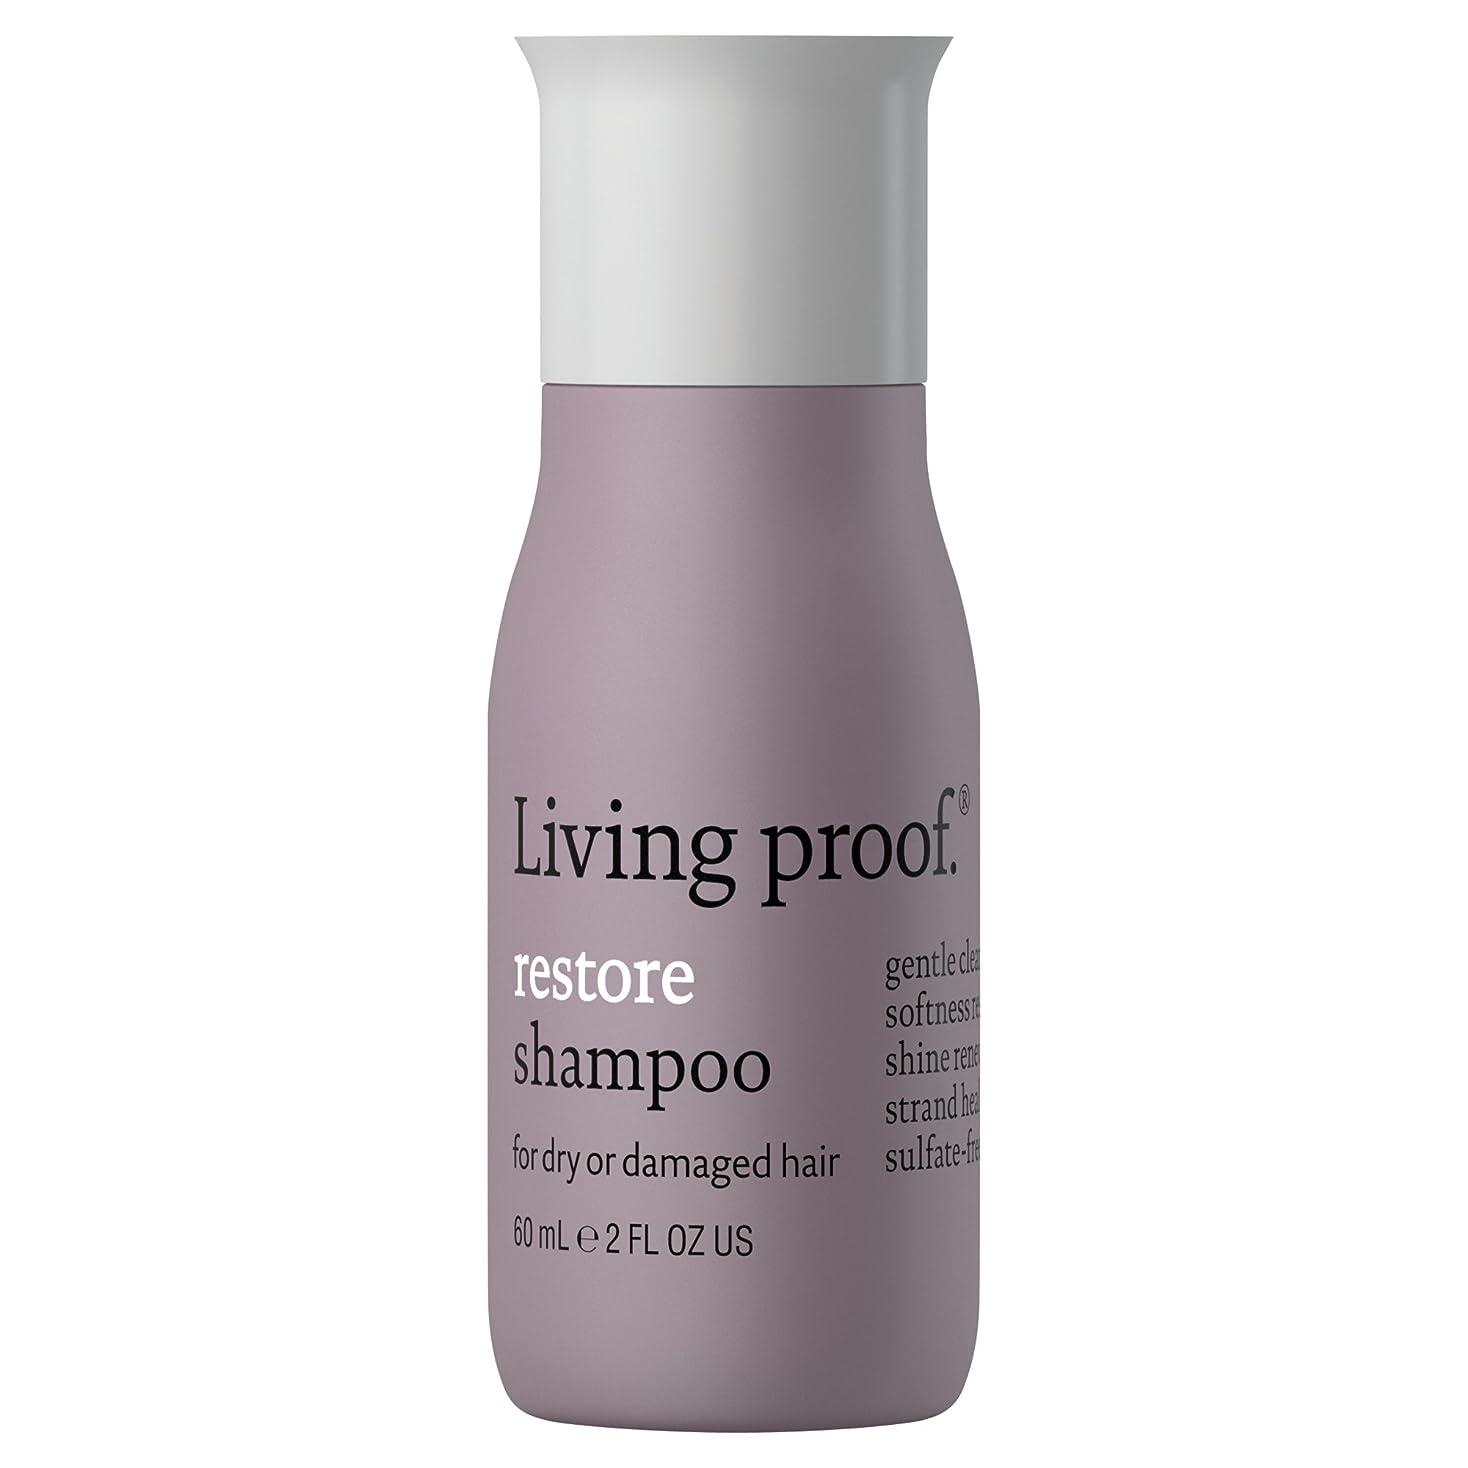 不運小売処理する生きている証拠はシャンプー60ミリリットルを復元します (Living Proof) (x2) - Living Proof Restore Shampoo 60ml (Pack of 2) [並行輸入品]